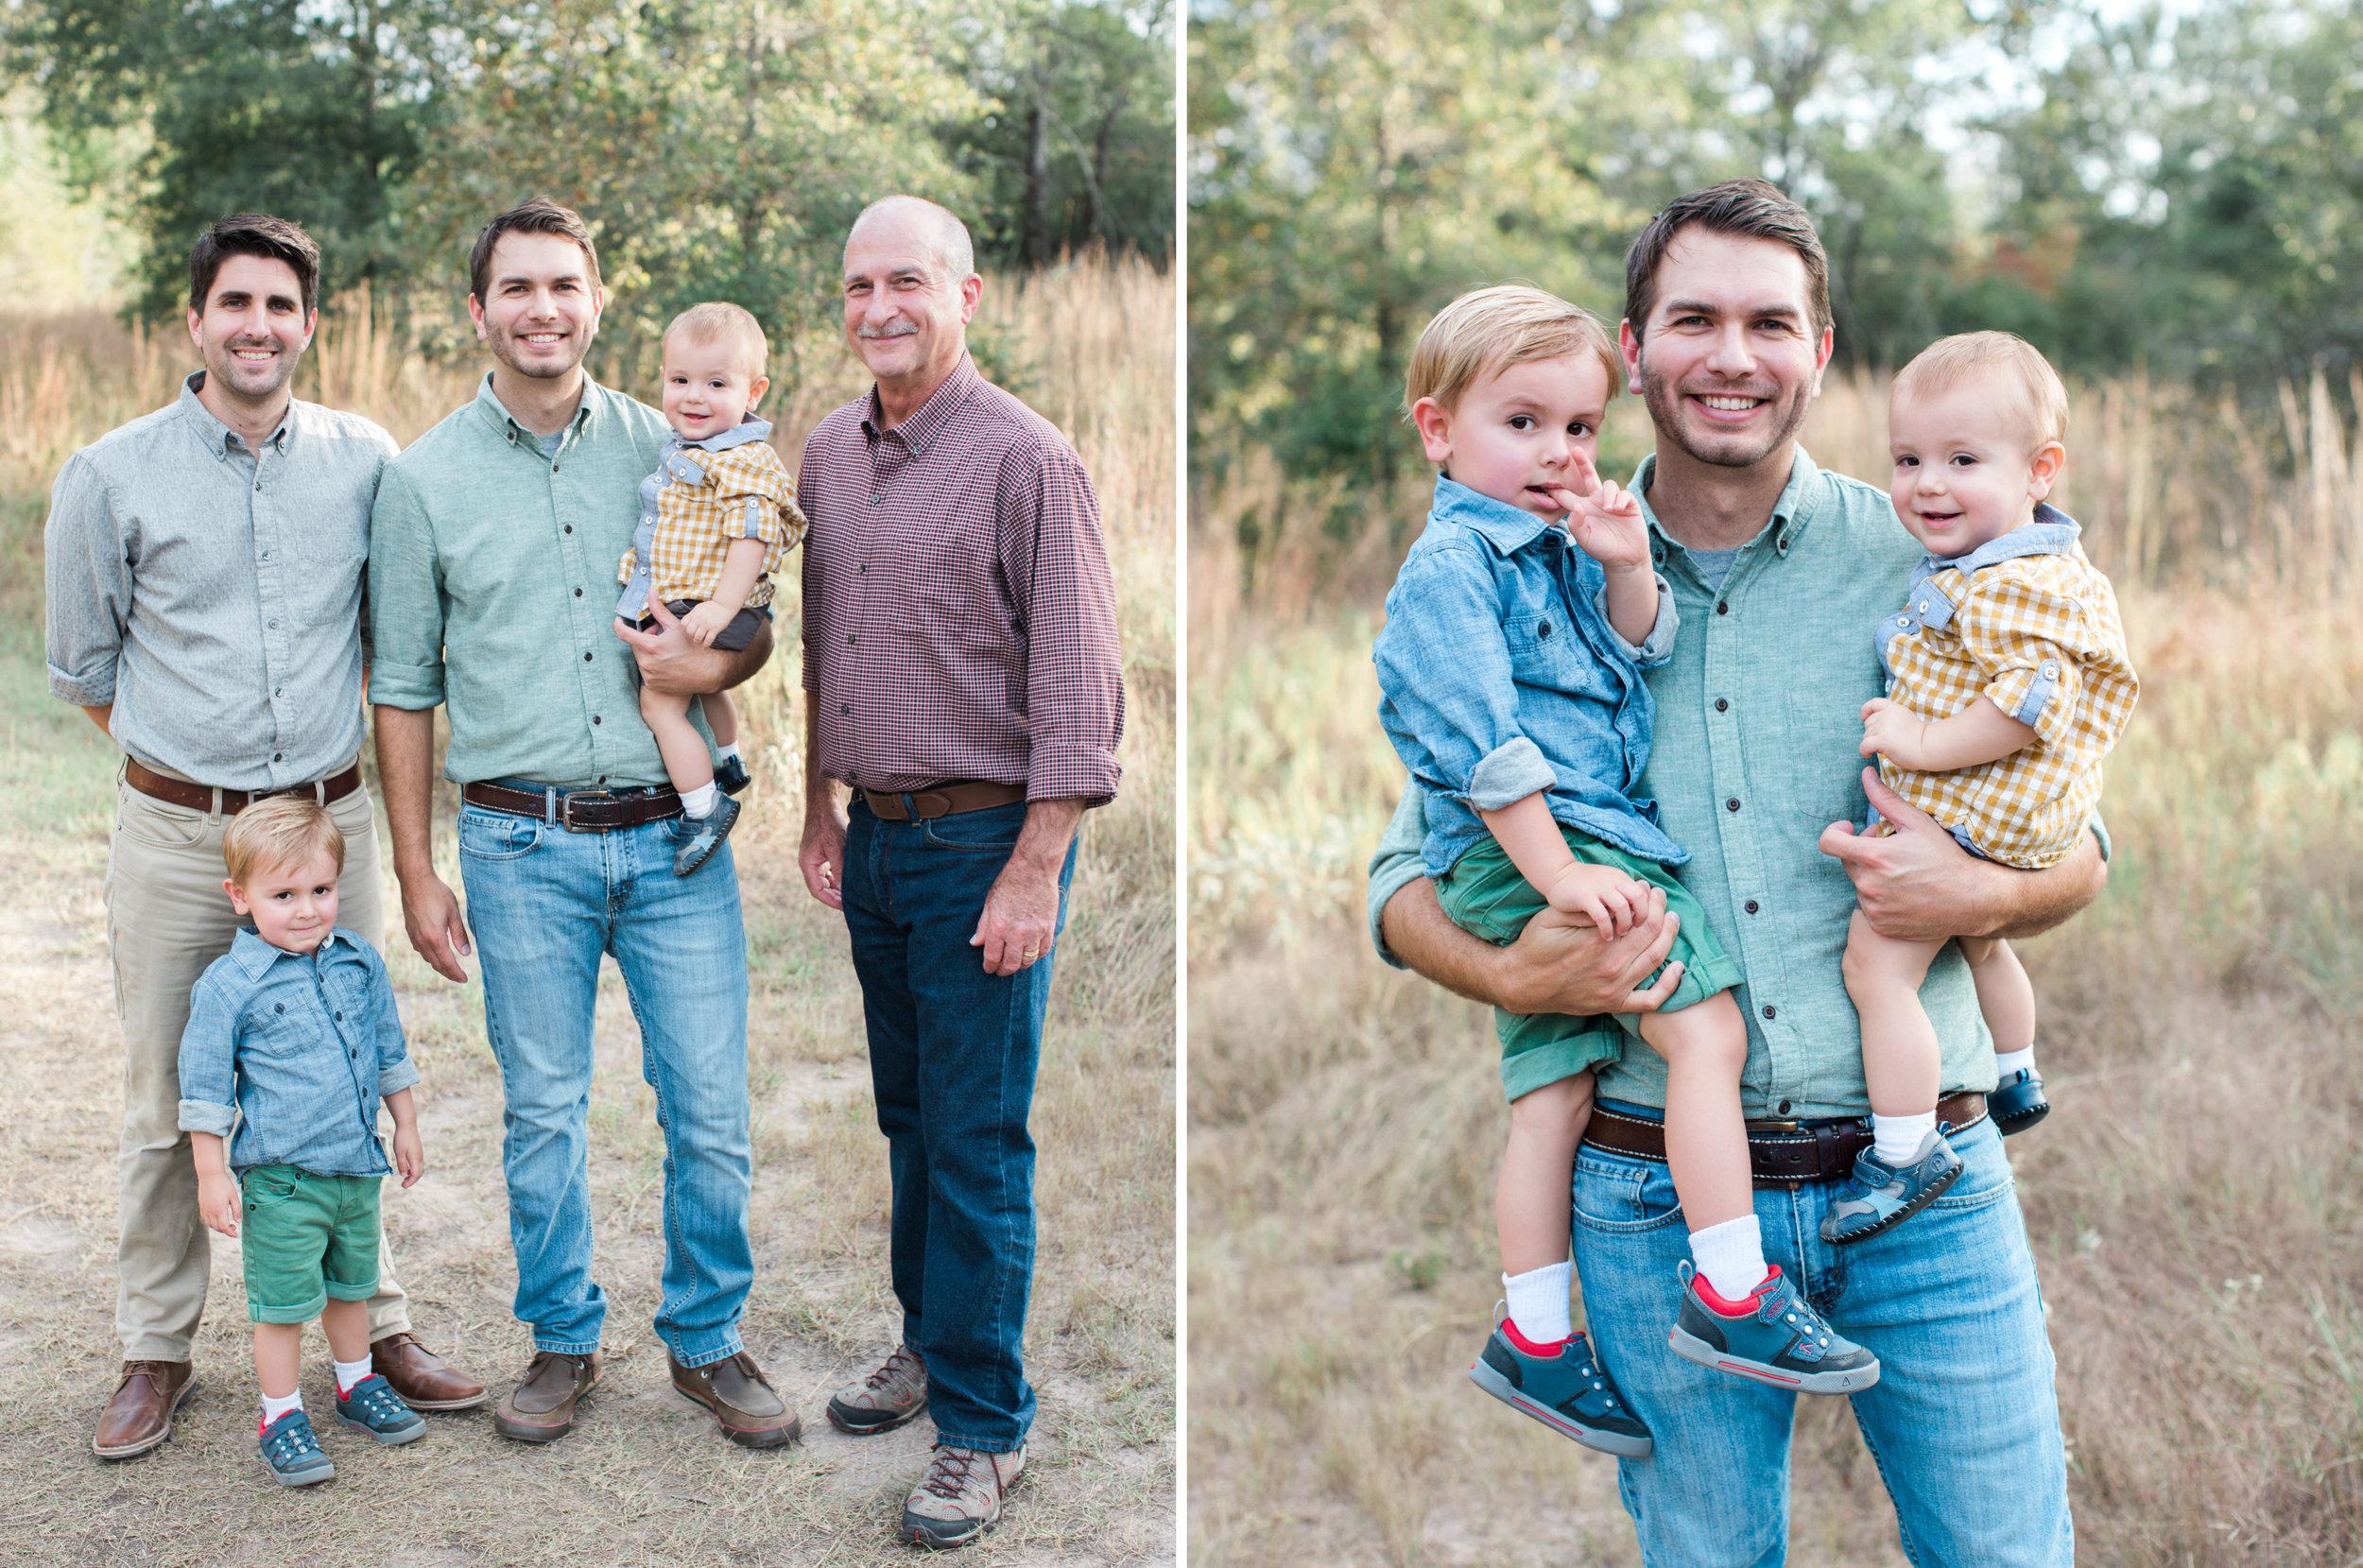 allisonfamily3.jpg